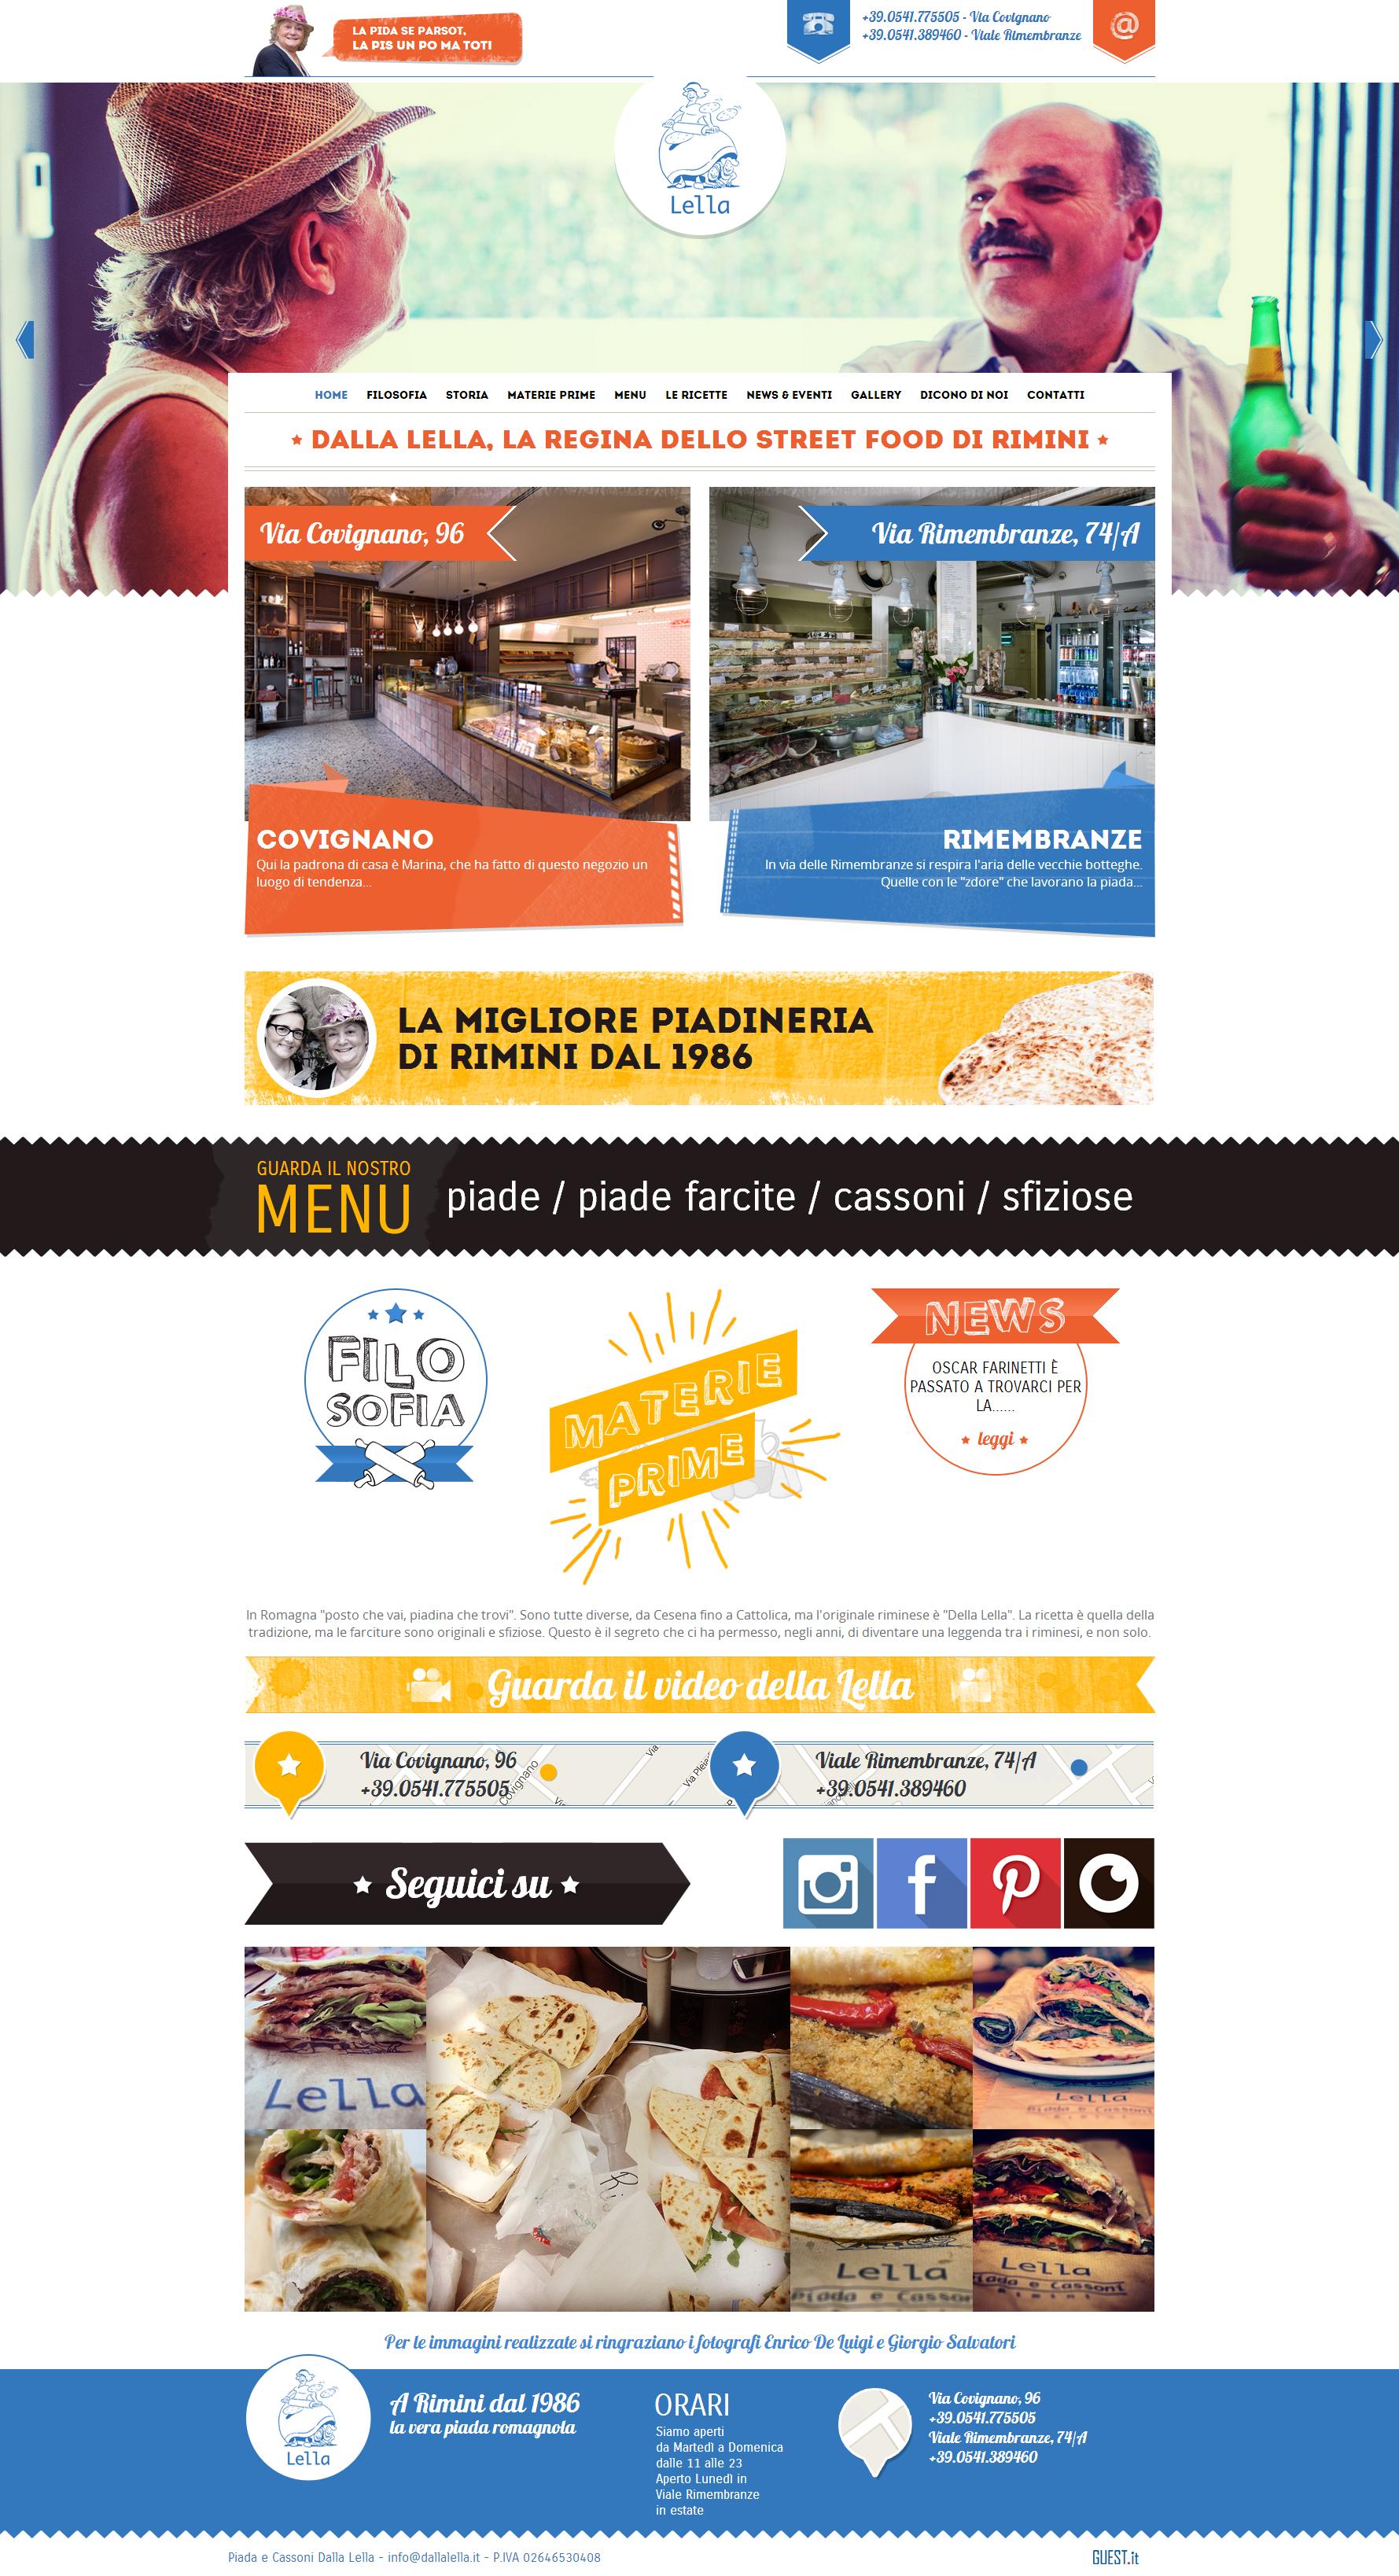 La migliore #piadina della Romagna? Dalla Lellaaaaaaaaaaaaaa :)